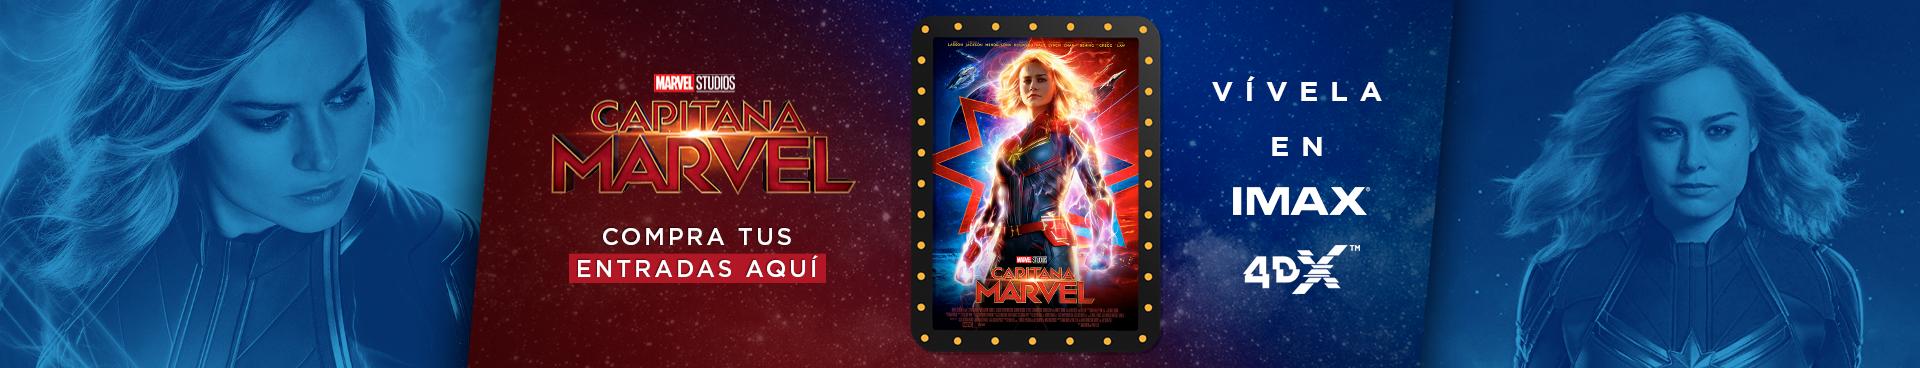 CAPITANA MARVEL, VIVELA EN IMAX Y 4DX, COMPRA AQUÍ TUS ENTRADAS